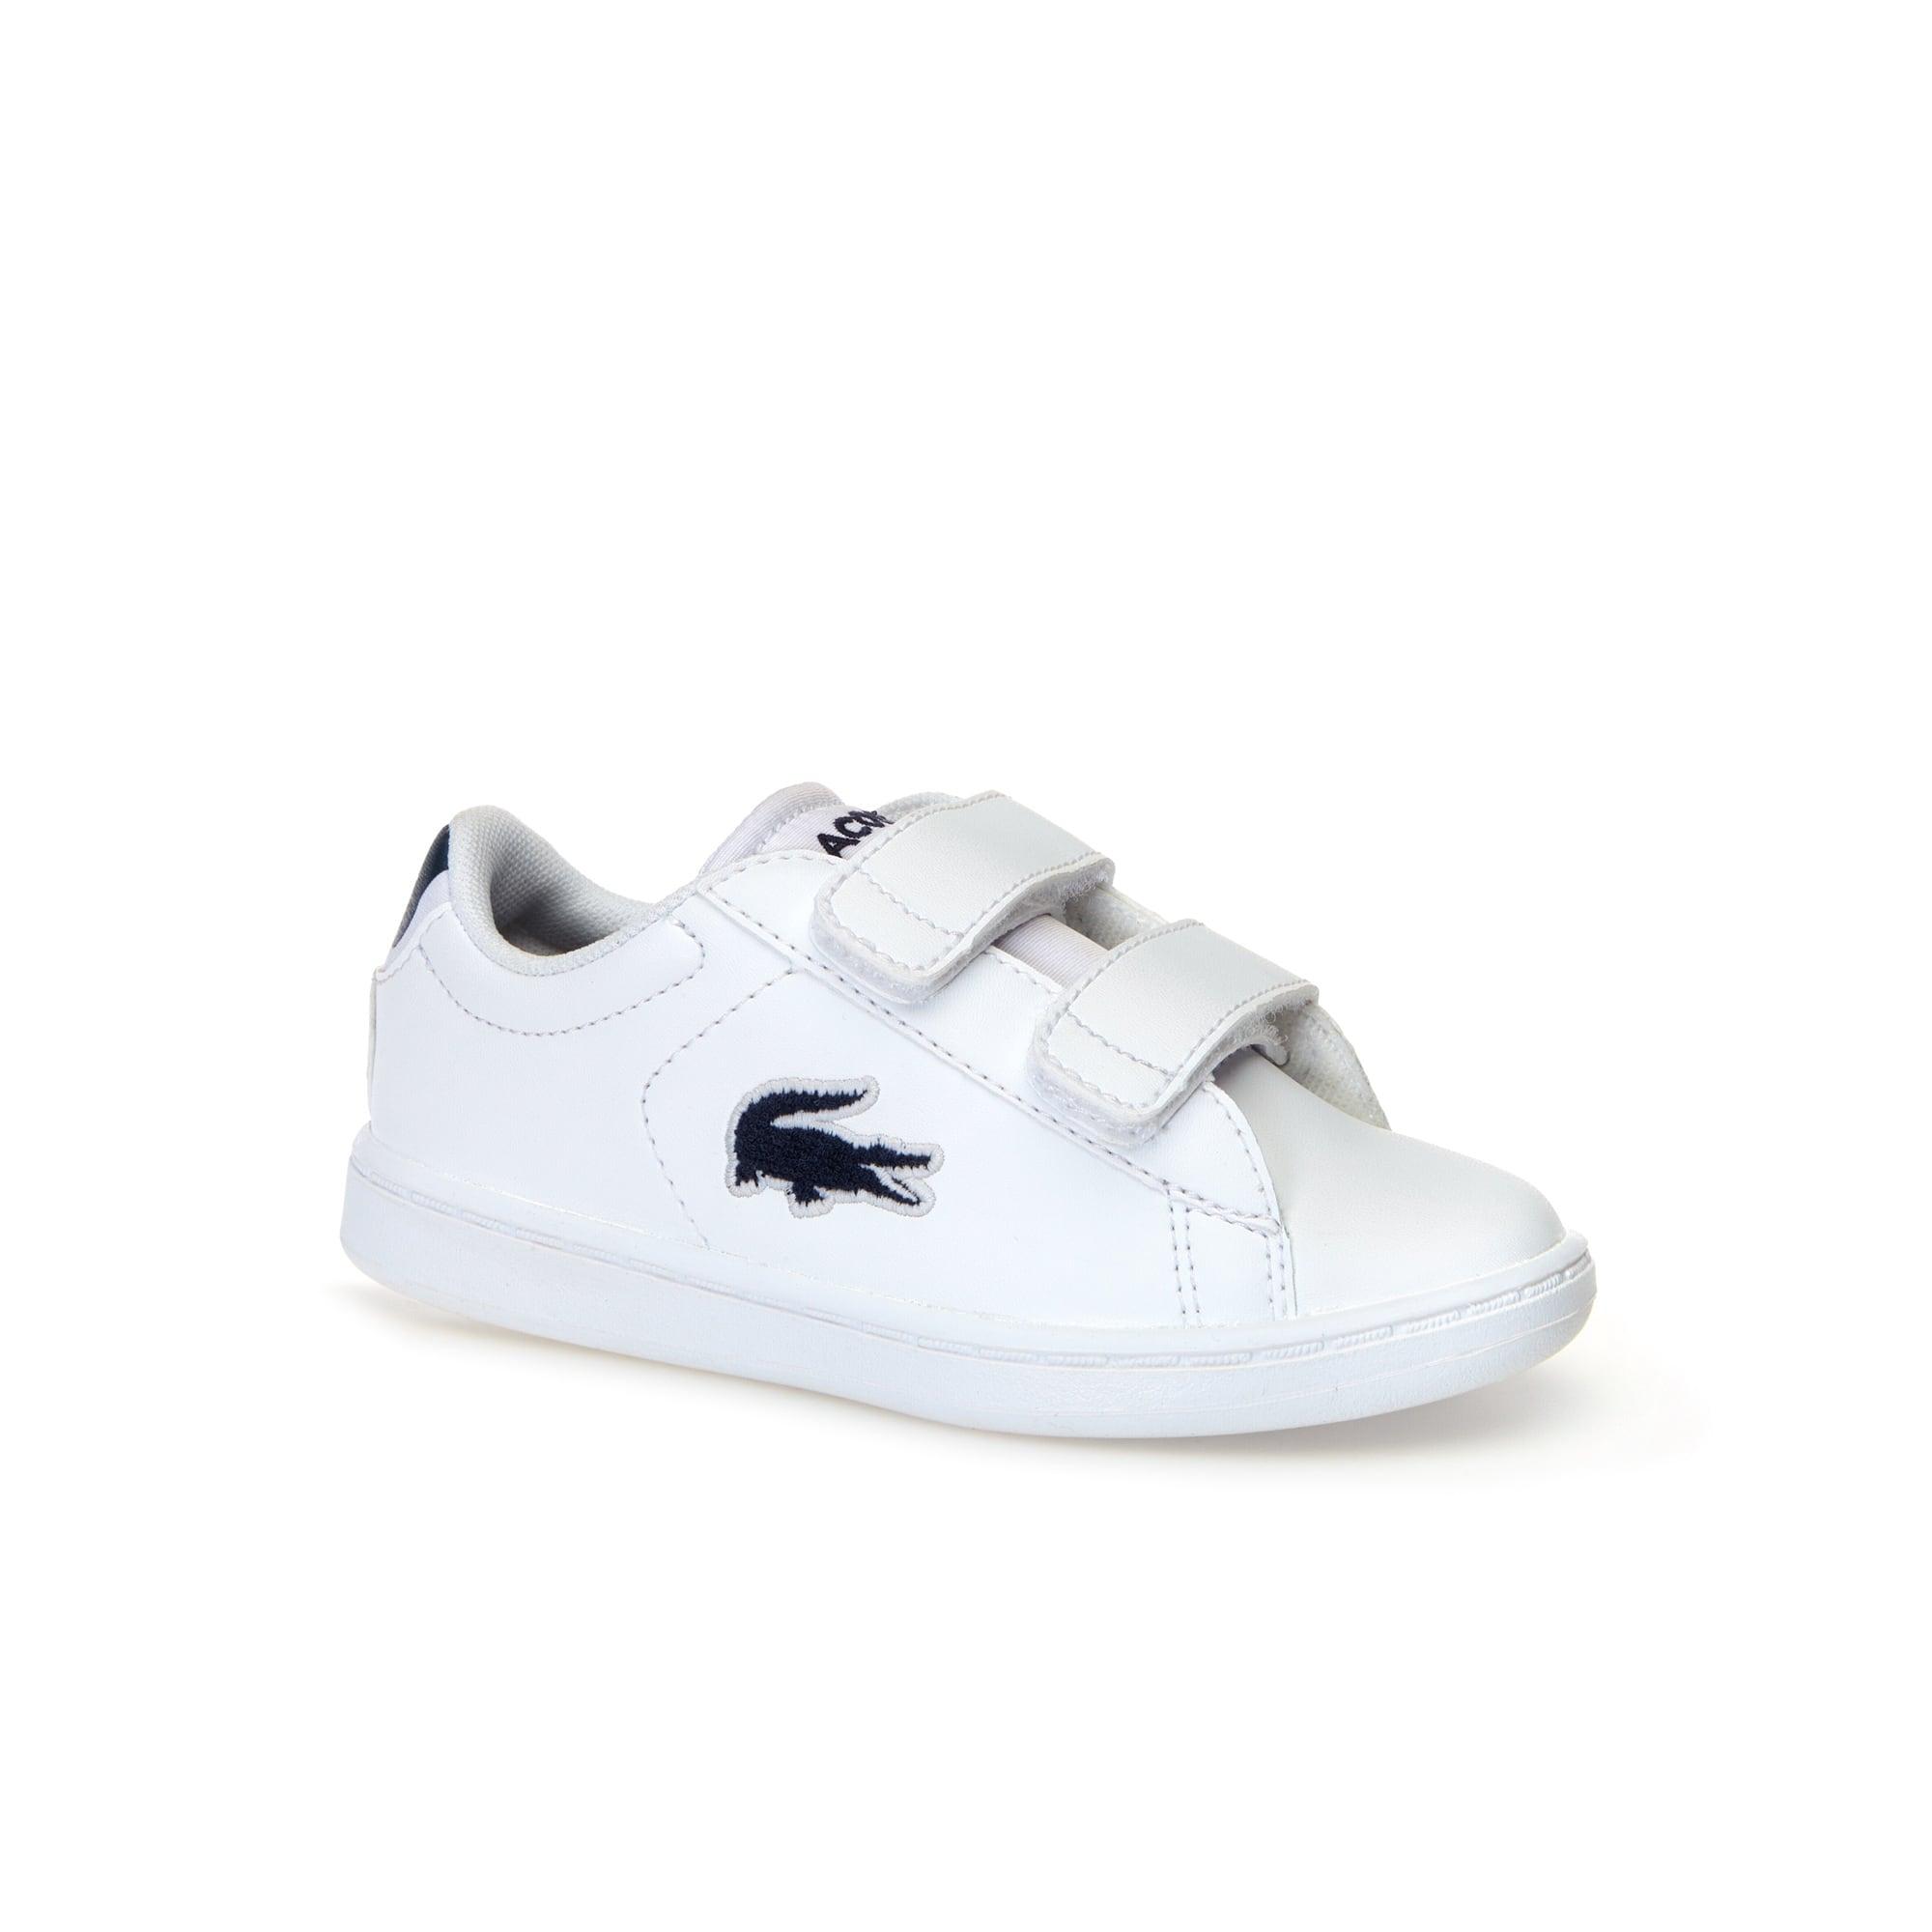 حذاء Carnaby Evo من الجلد المعالج والقماش الرياضي للأطفال الرضع